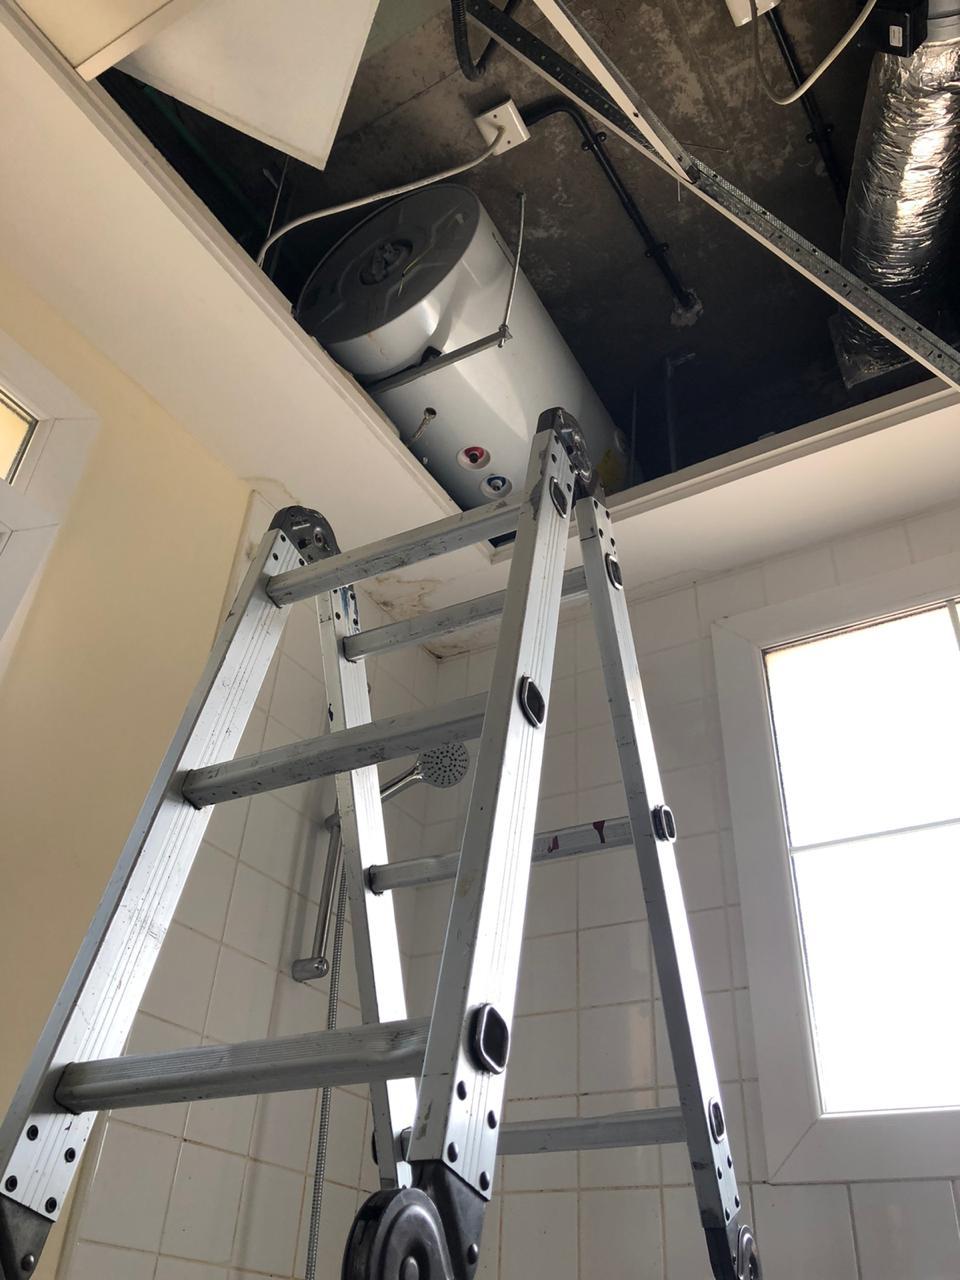 water-heater-repair-dubai.jpeg